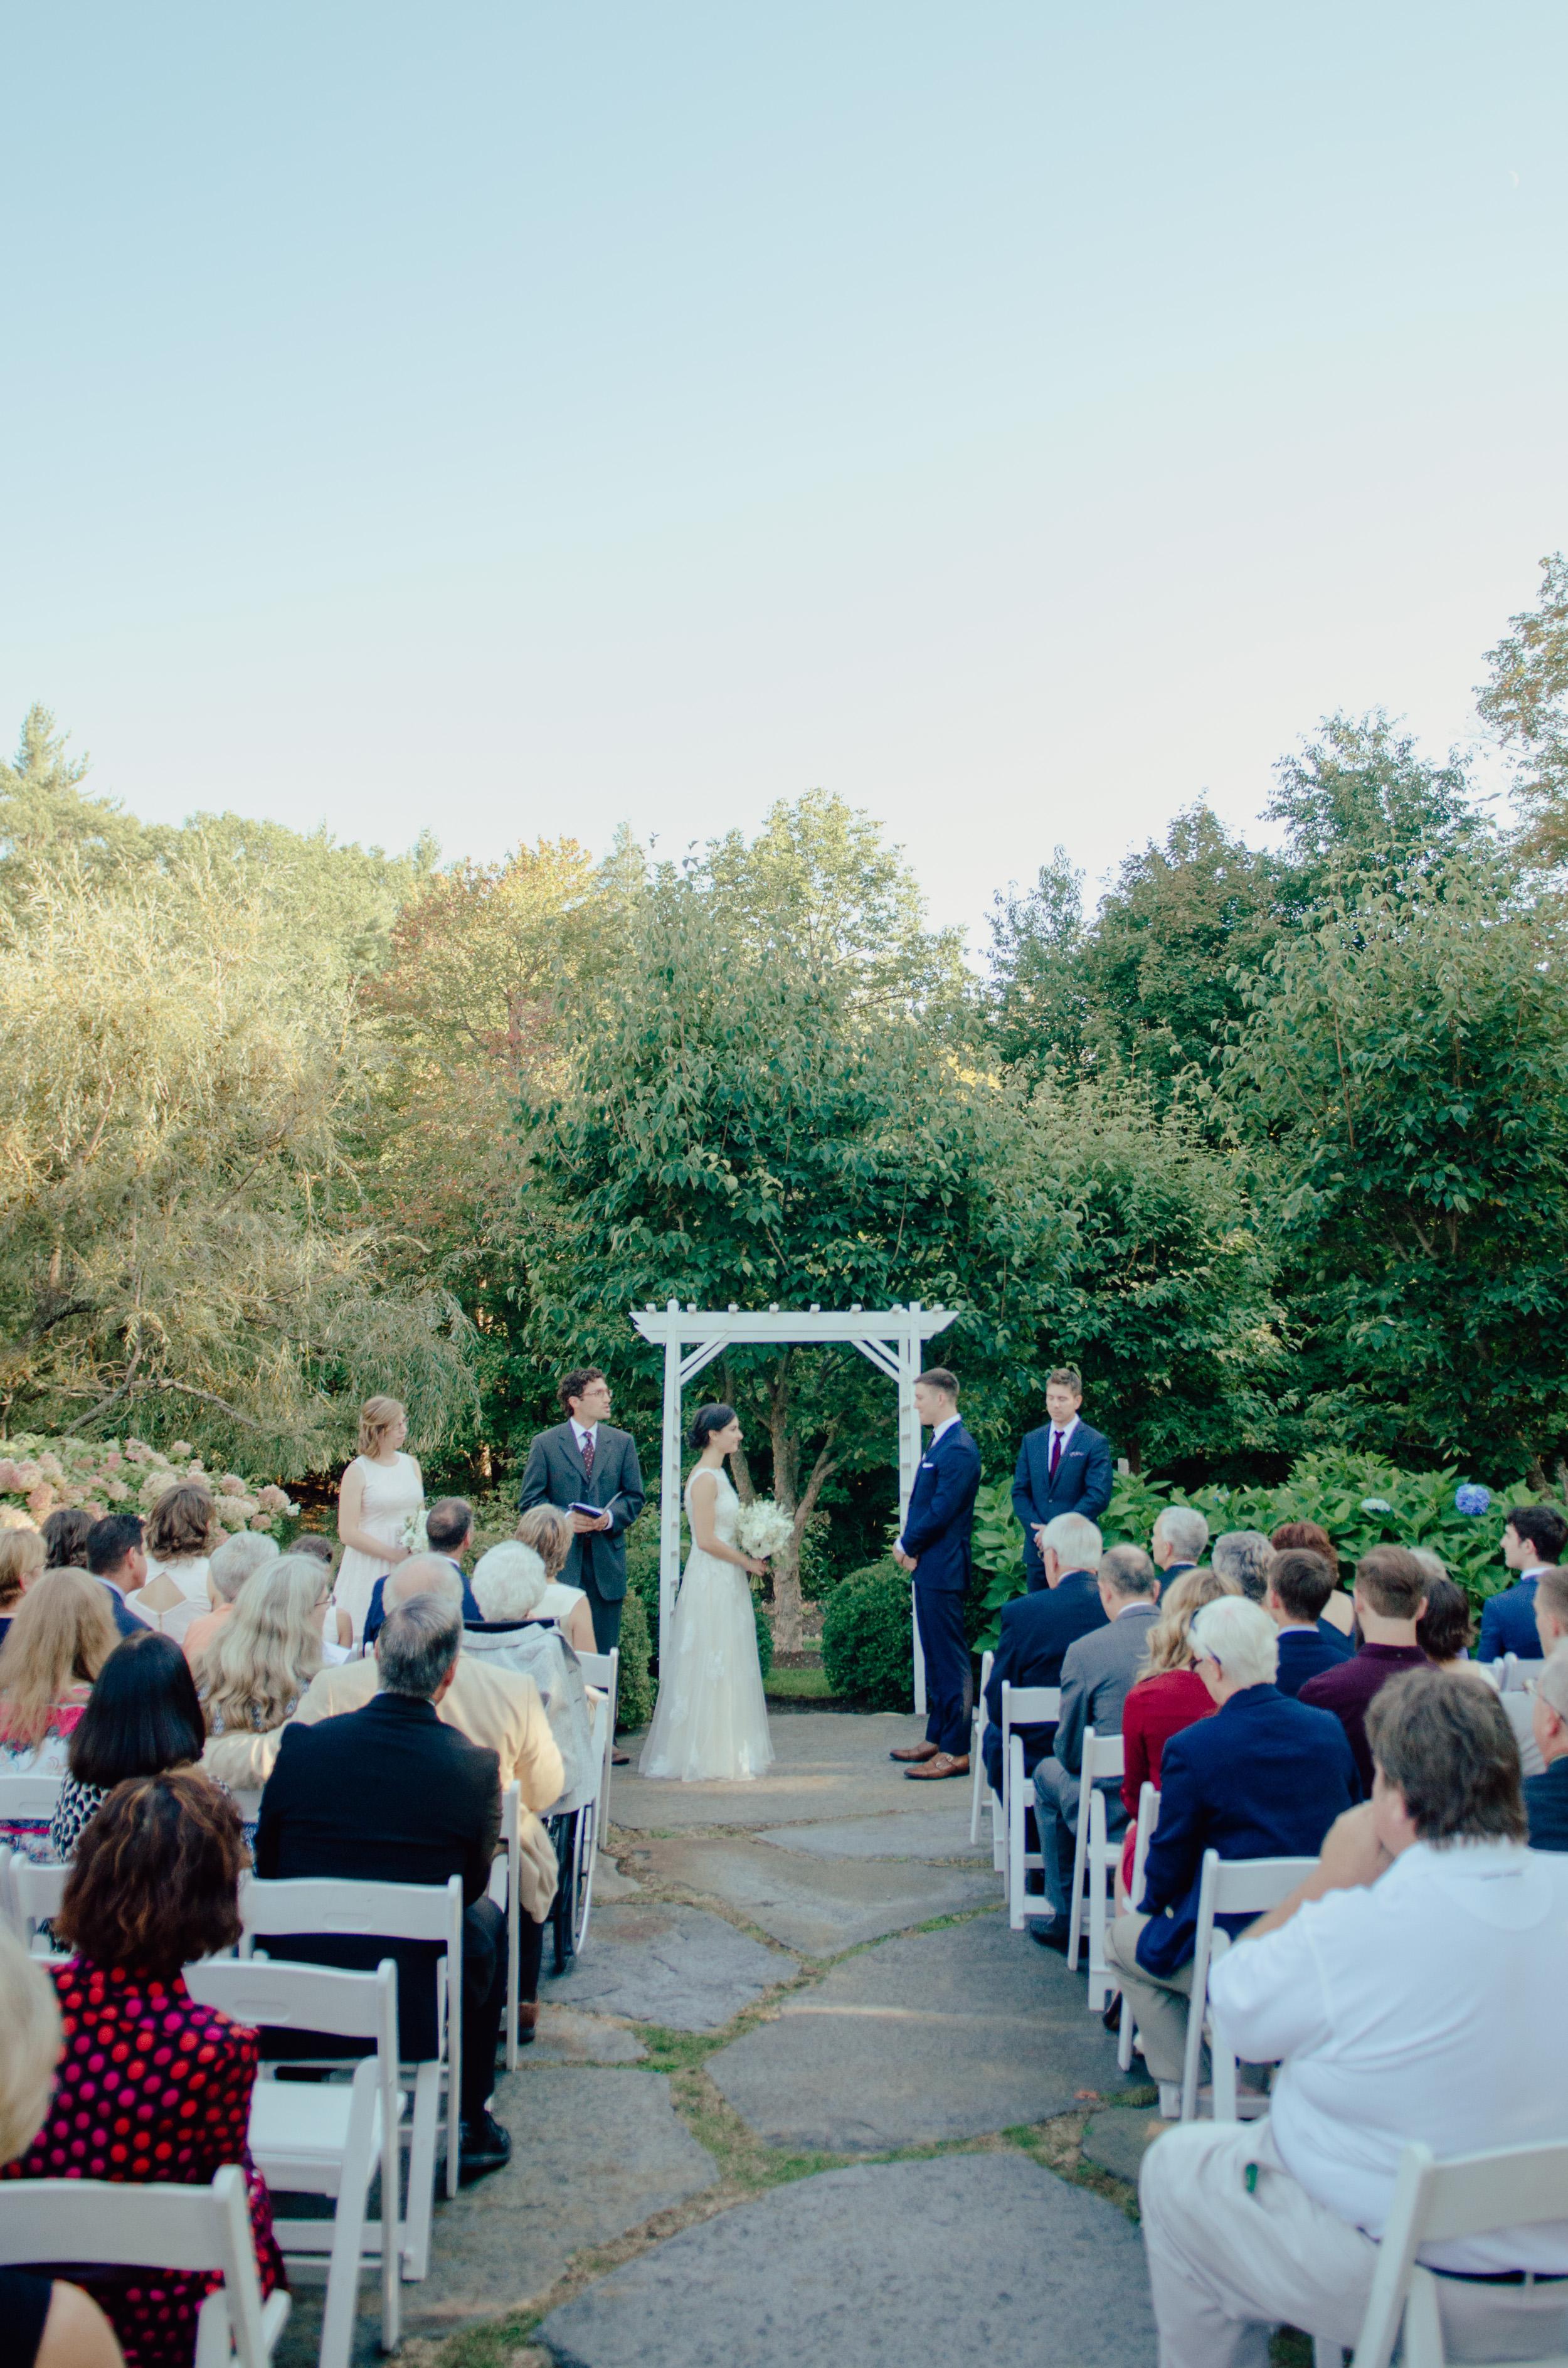 cleland-studios-weddings-65.jpg